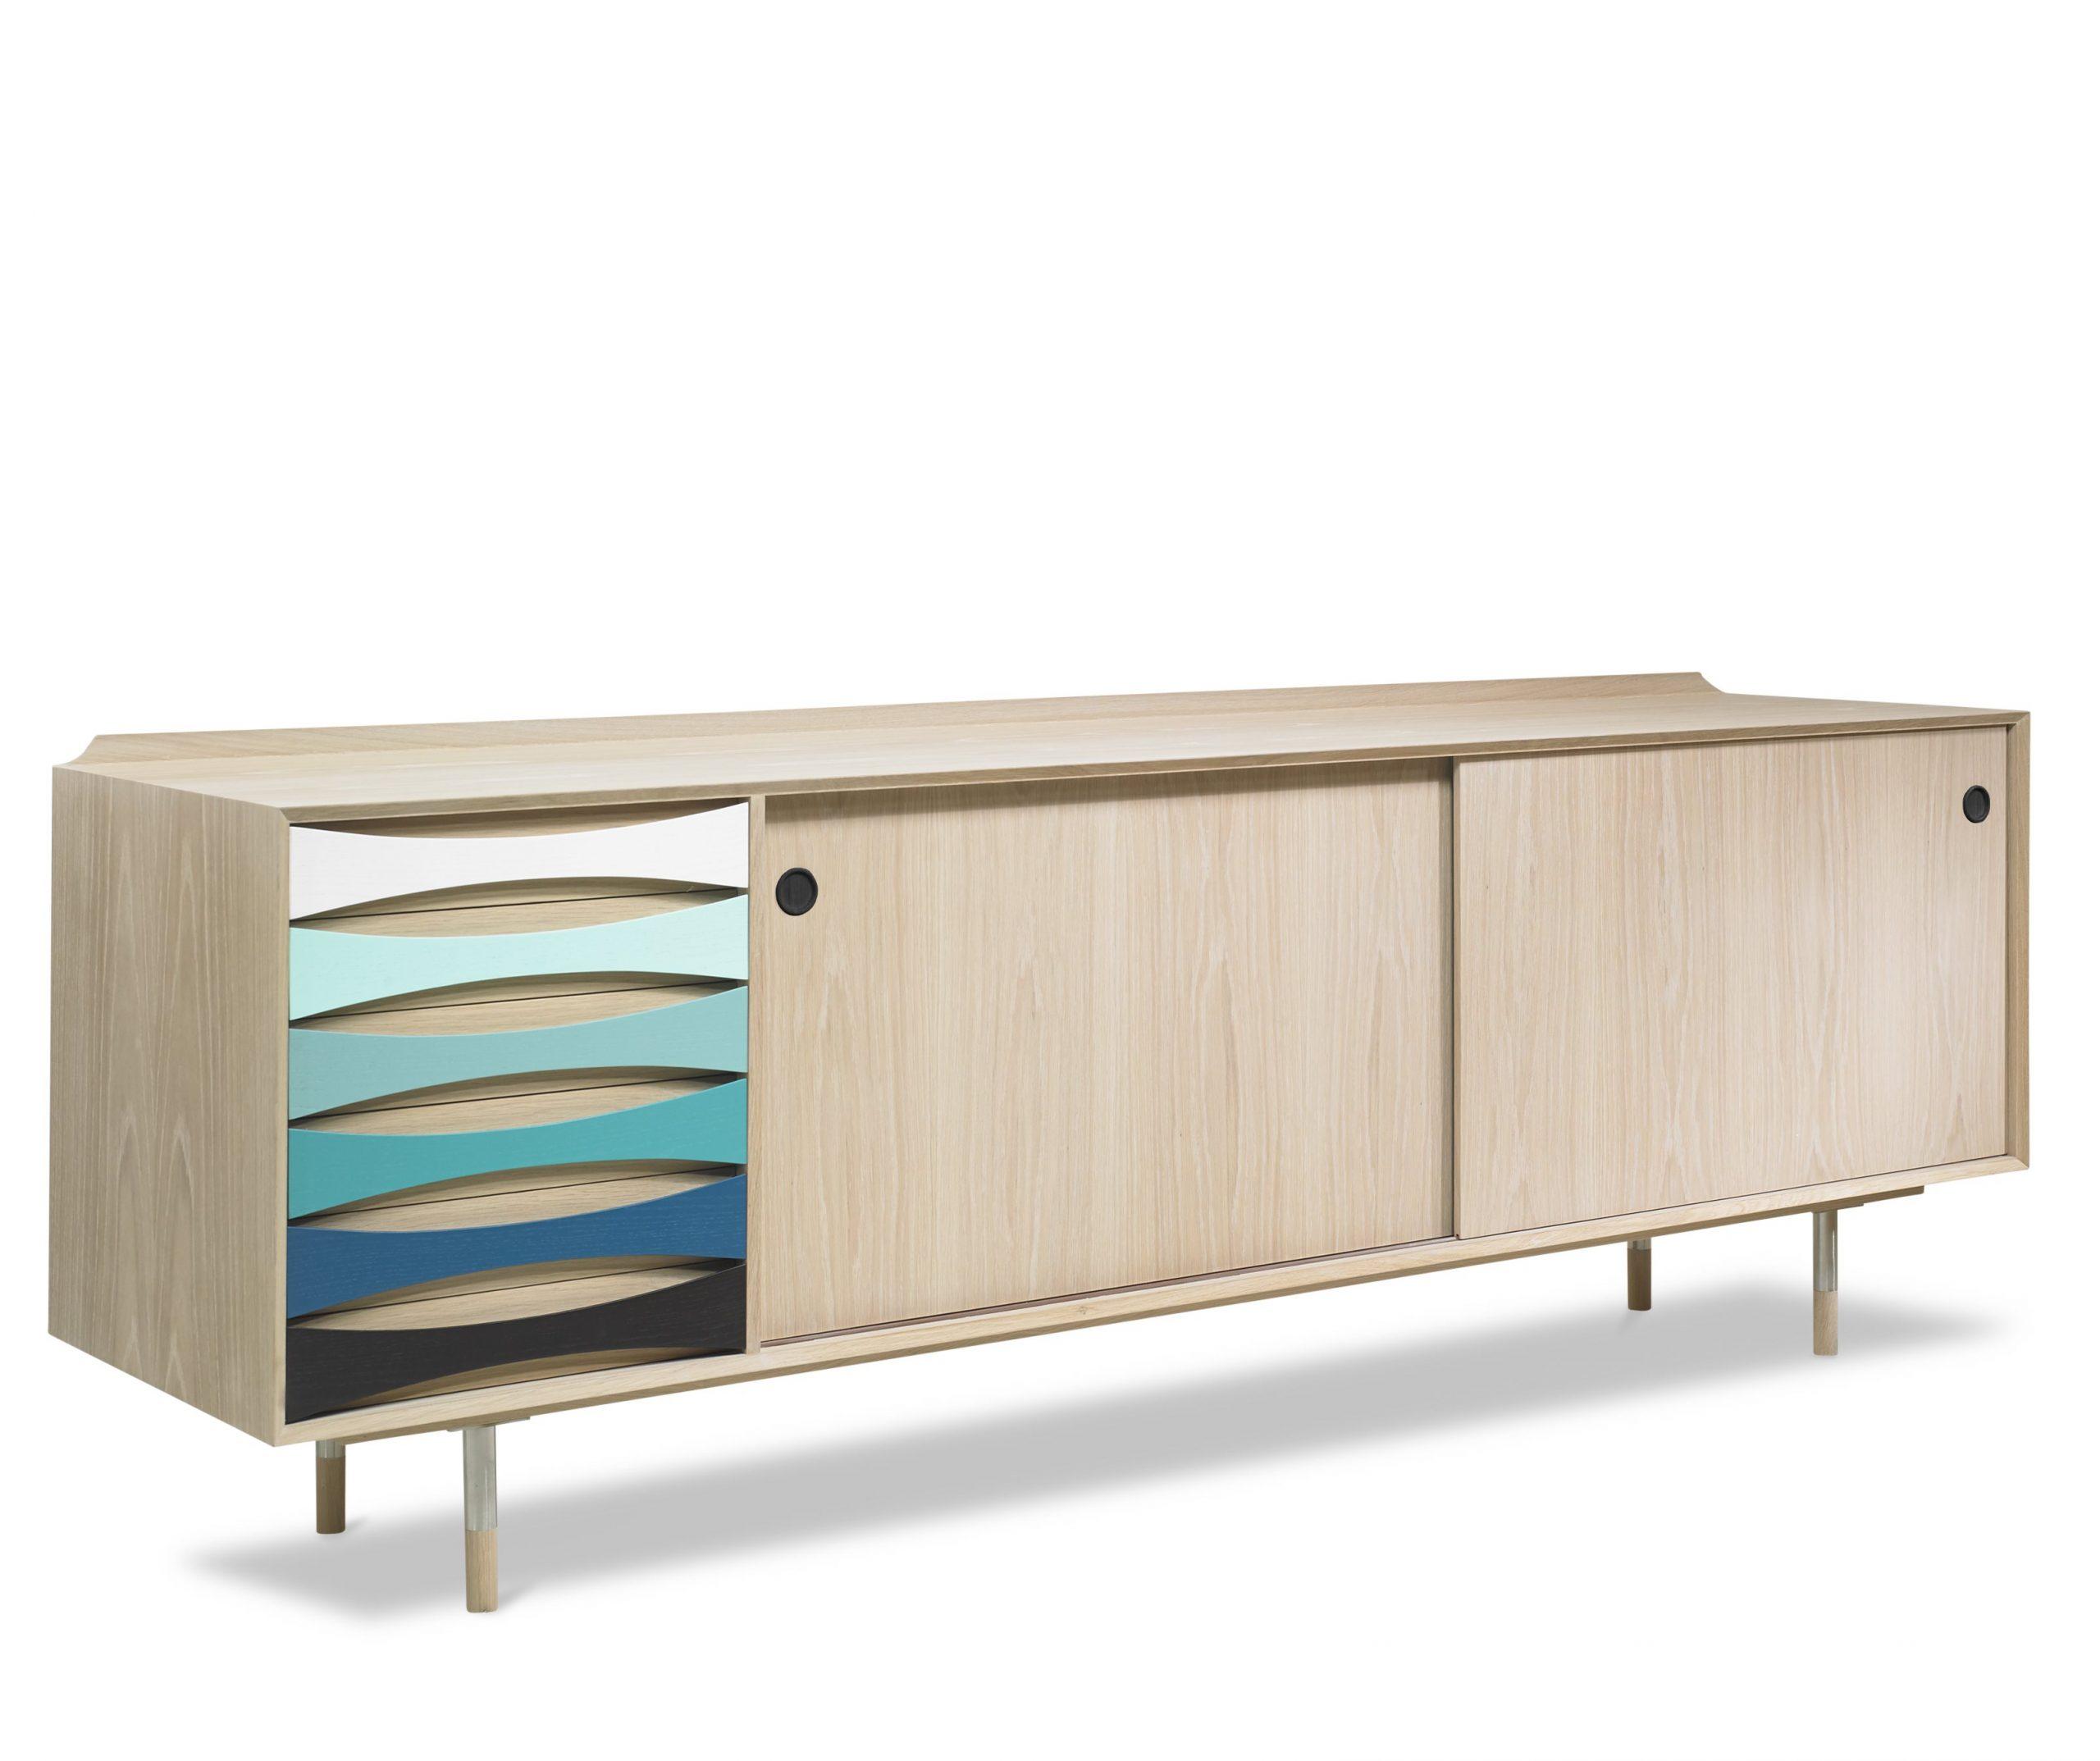 Arne-Vodder-skaenk-AV01-AV02-Eg-Oak-farver-scaled